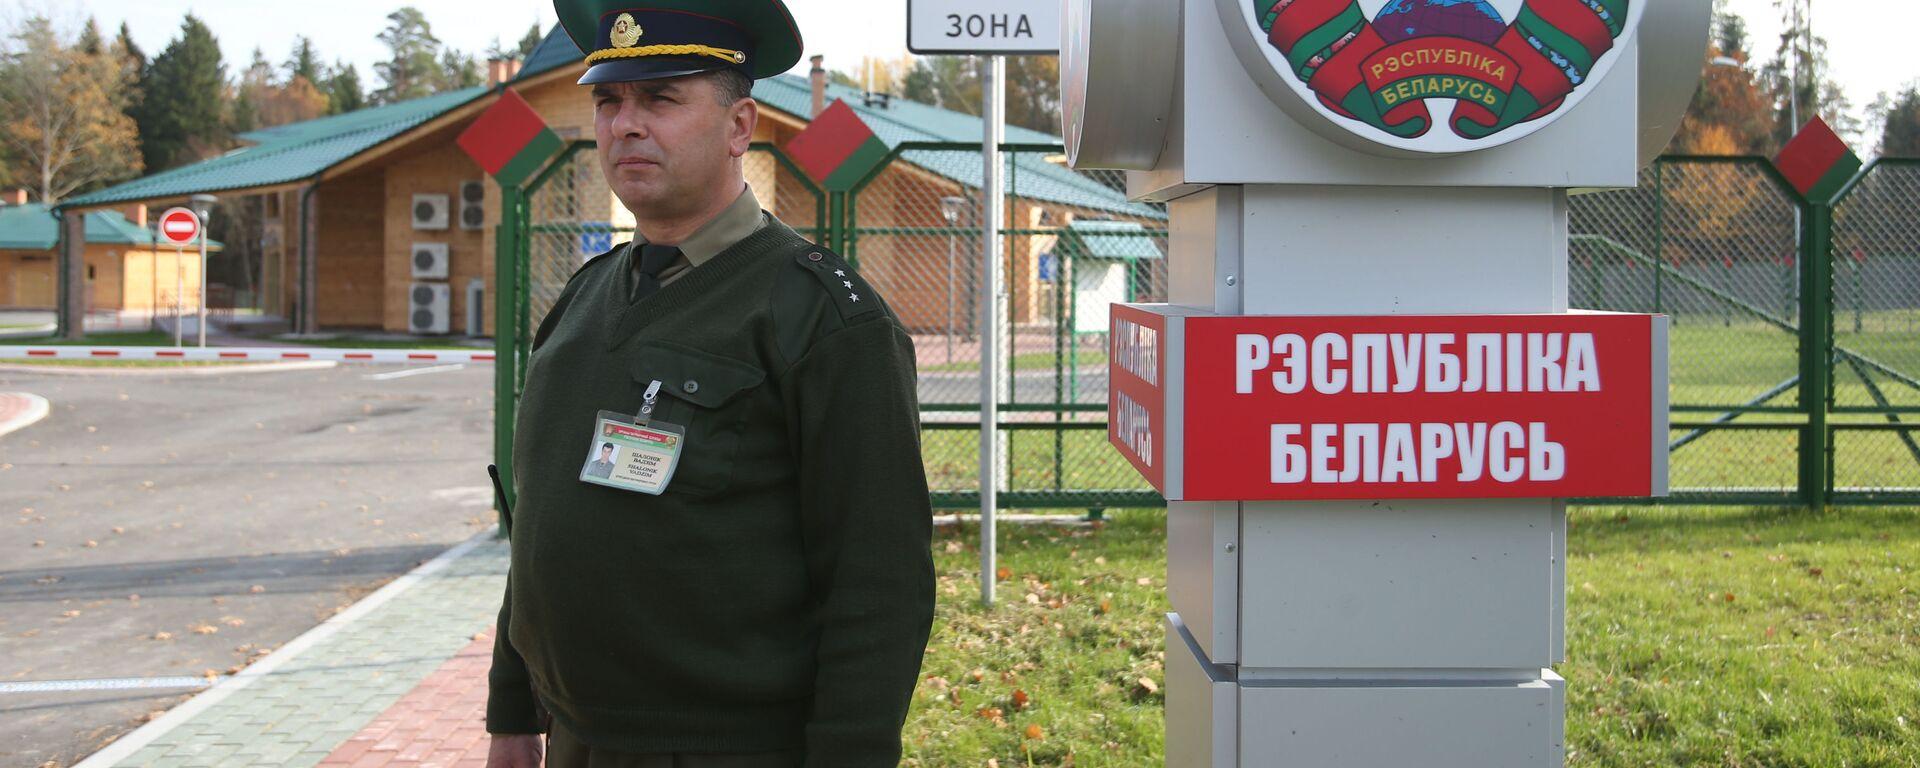 Пограничный переход между Беларусью и Польшей Переров - Sputnik Латвия, 1920, 15.06.2021